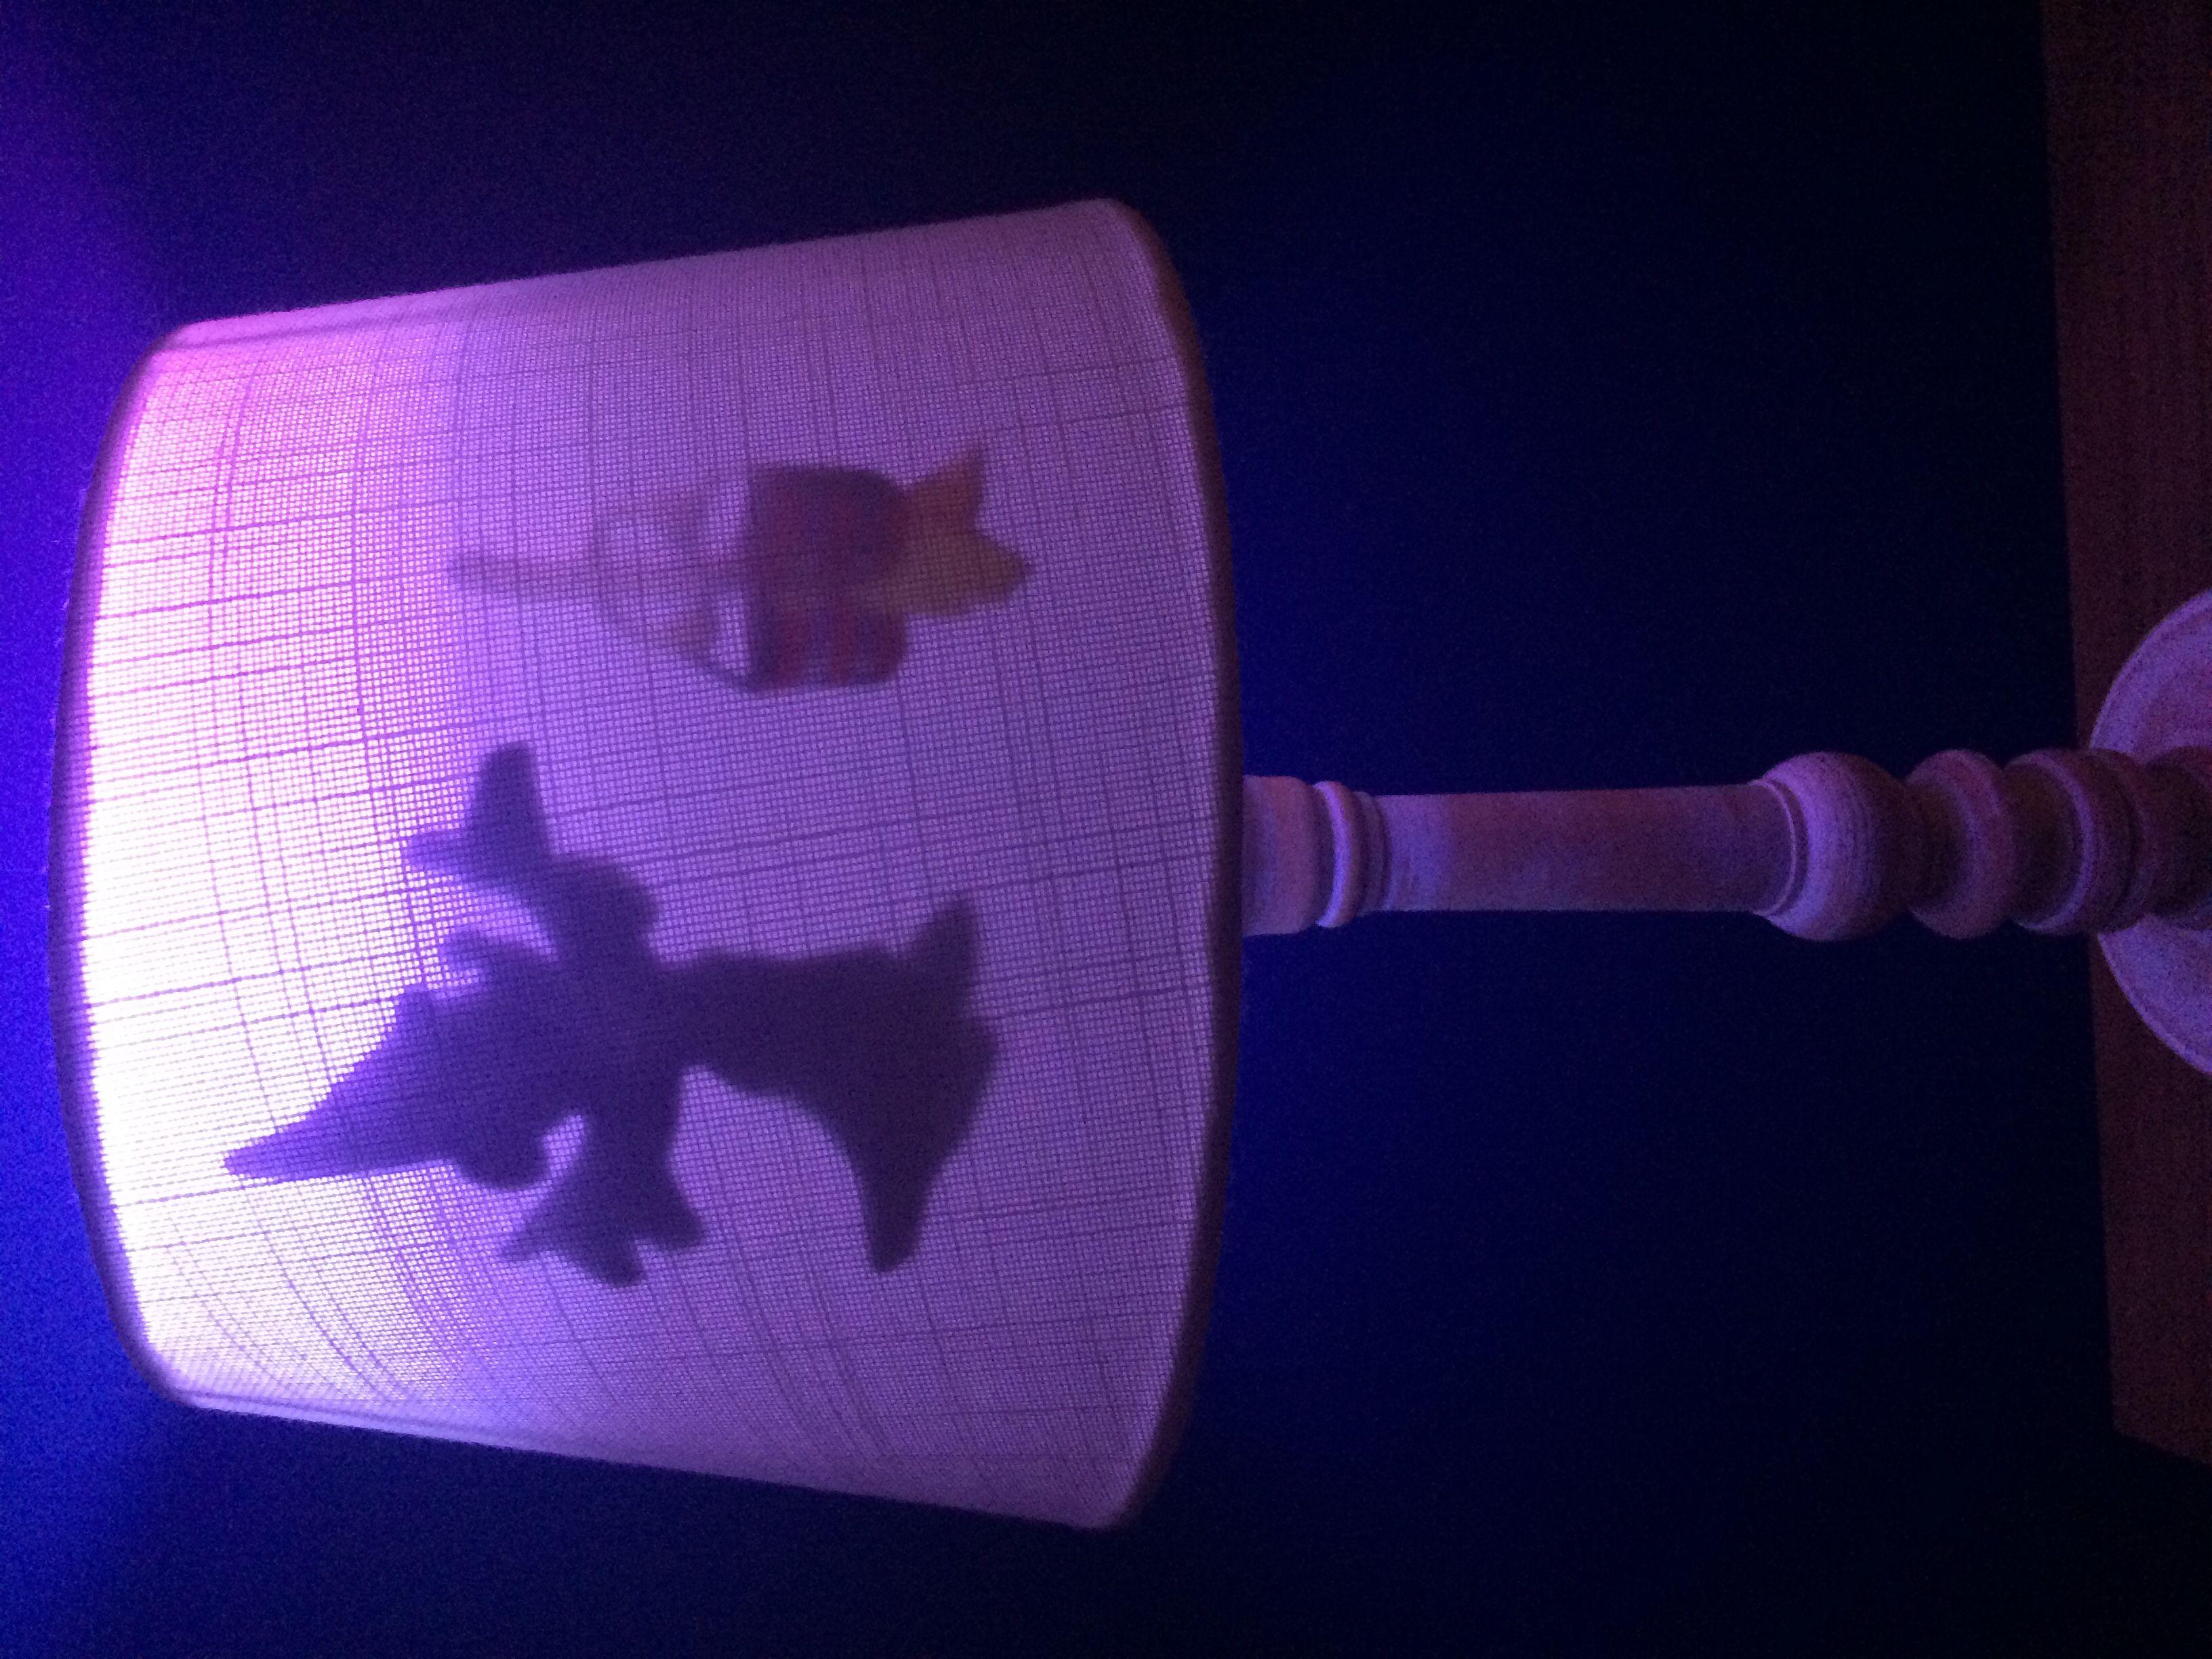 Self made Disney fantasia lamp